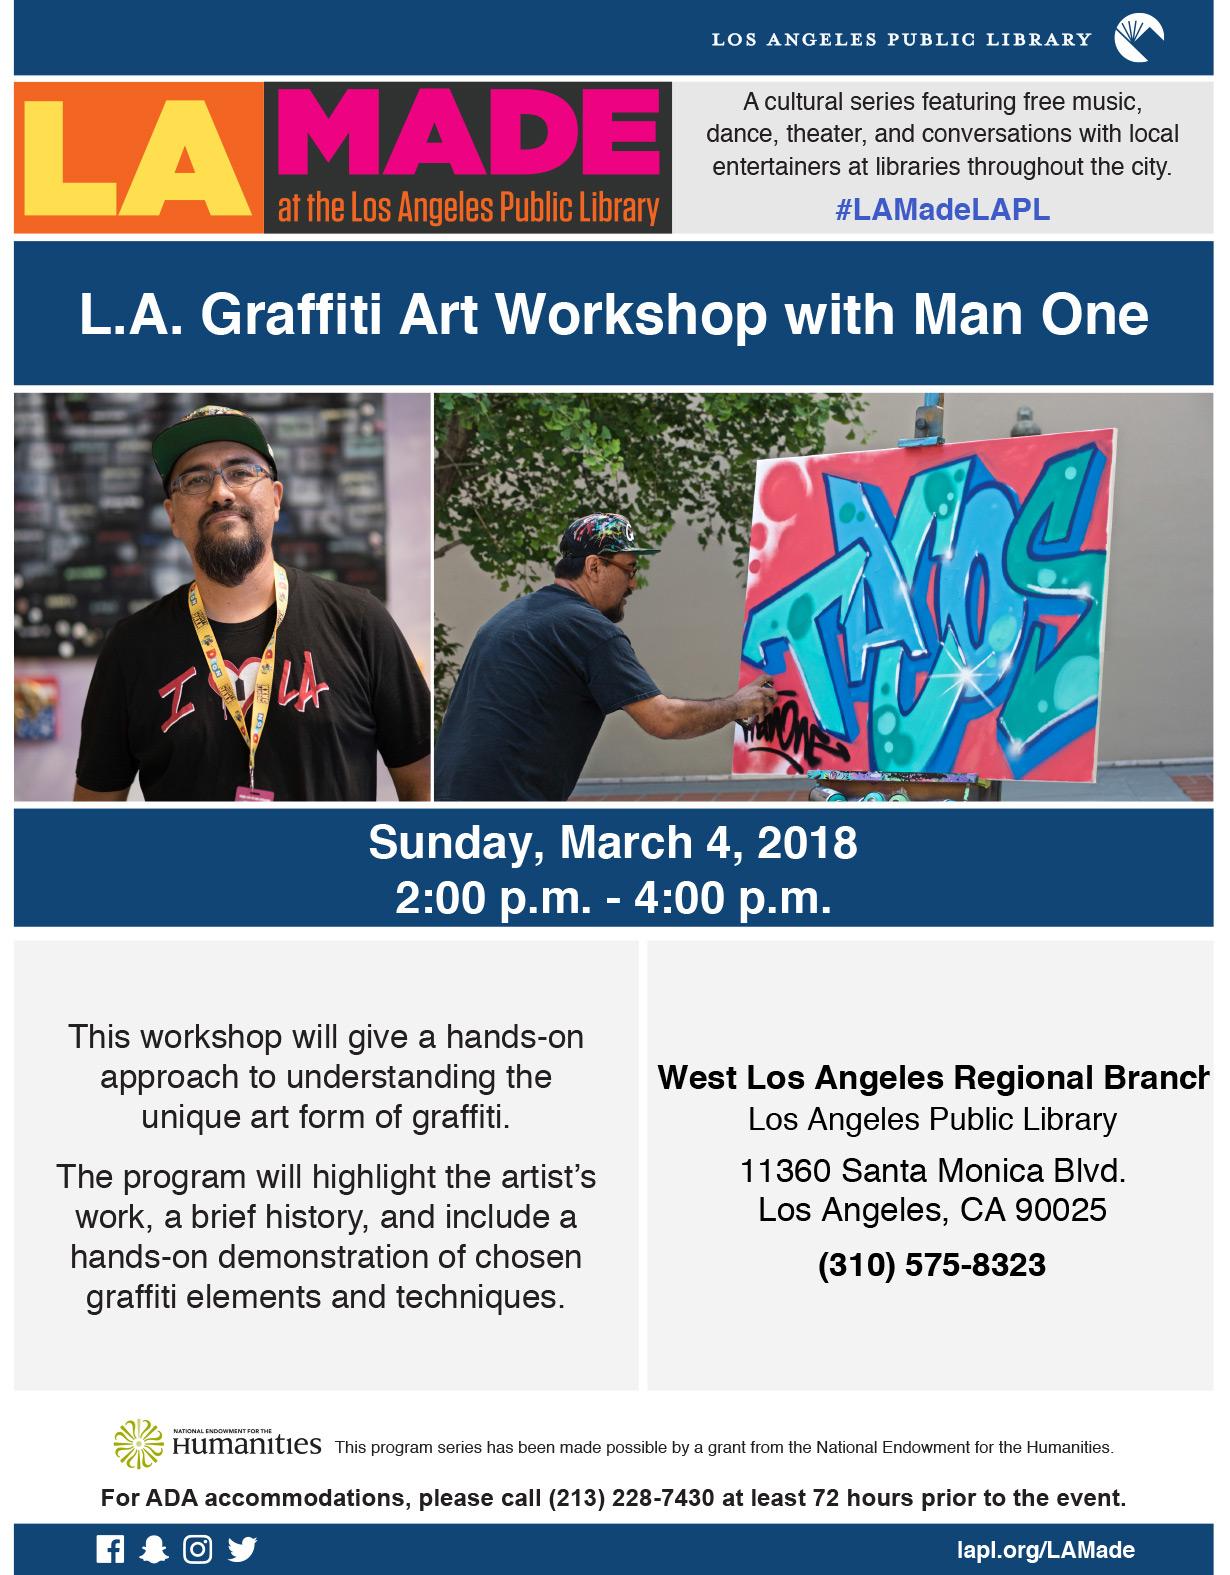 LA-Made-Graffiti-Branches.jpg